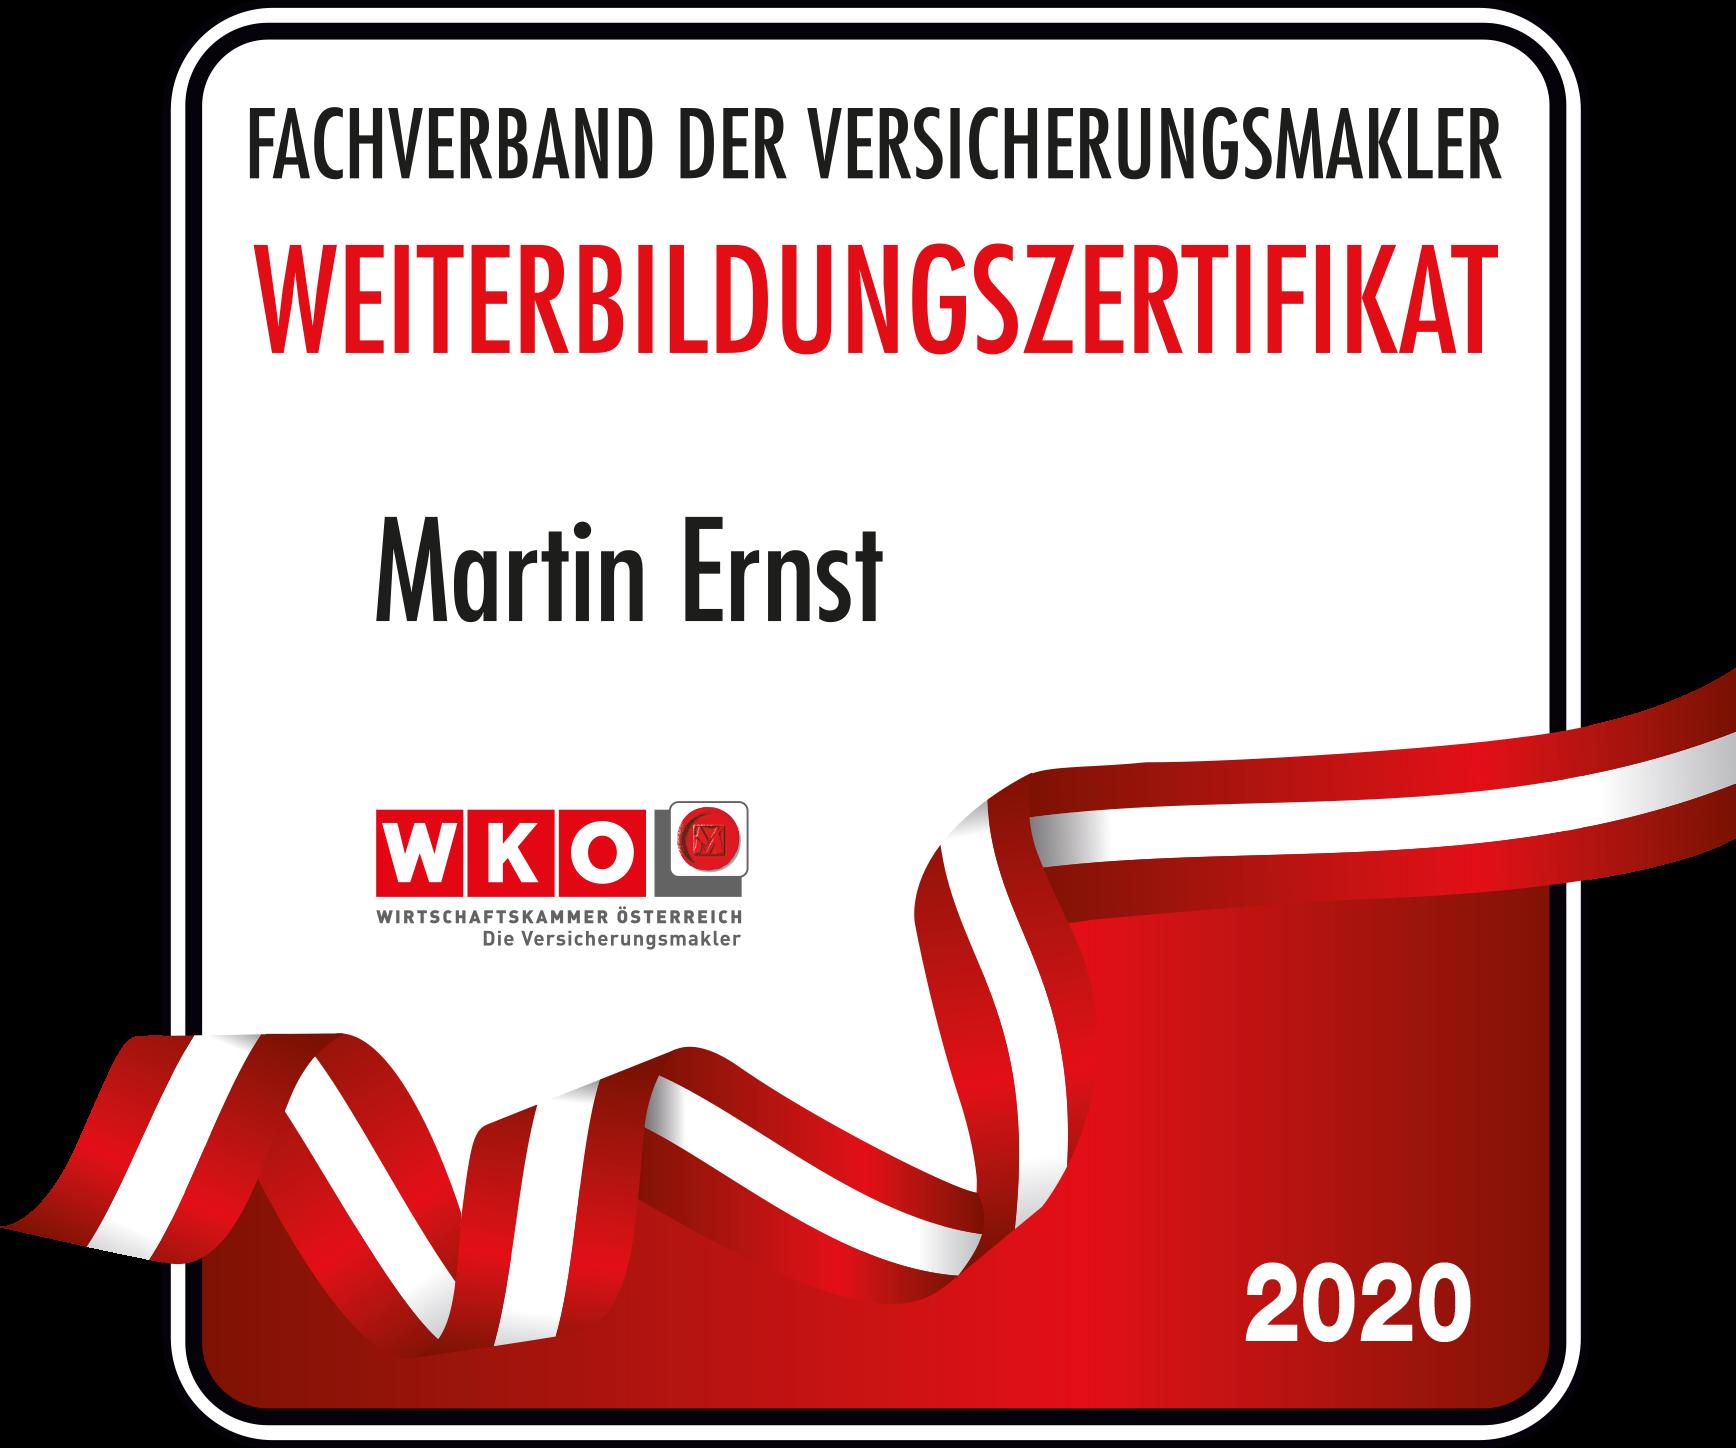 Weiterbildungszertifikat 2020 Martin Ernst